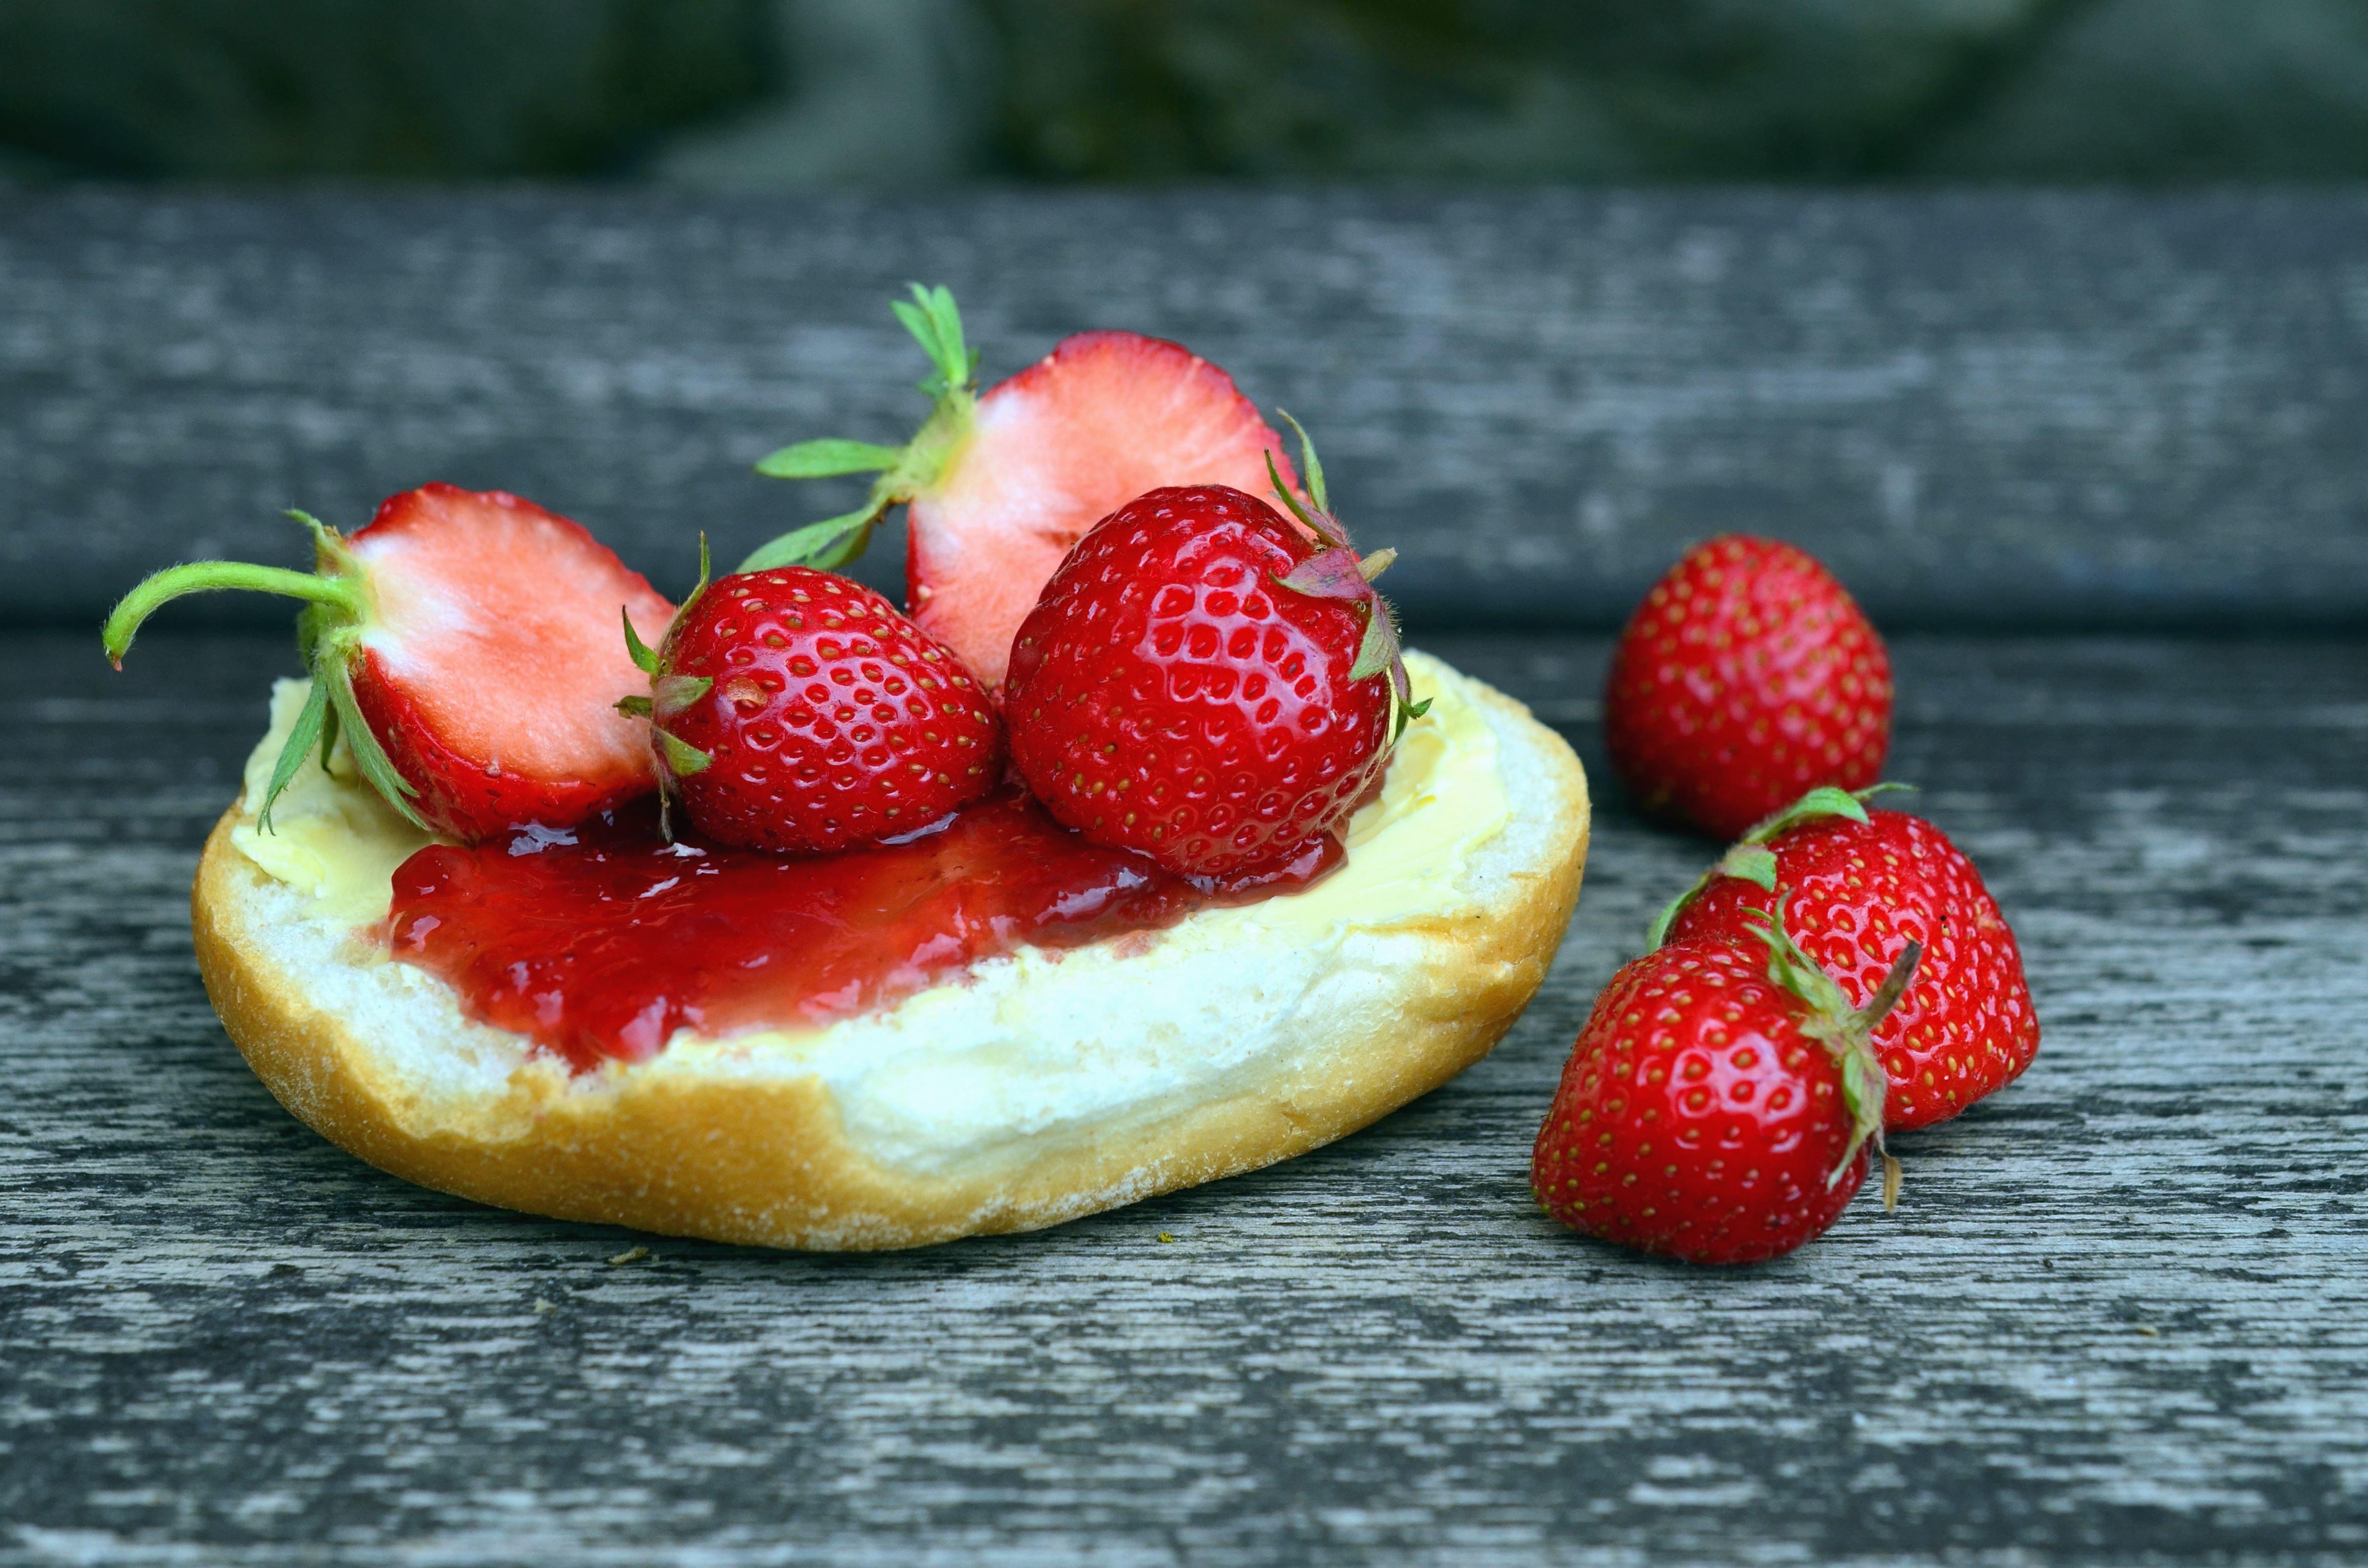 kostenlose bild erdbeere kuchen marmelade essen obst. Black Bedroom Furniture Sets. Home Design Ideas